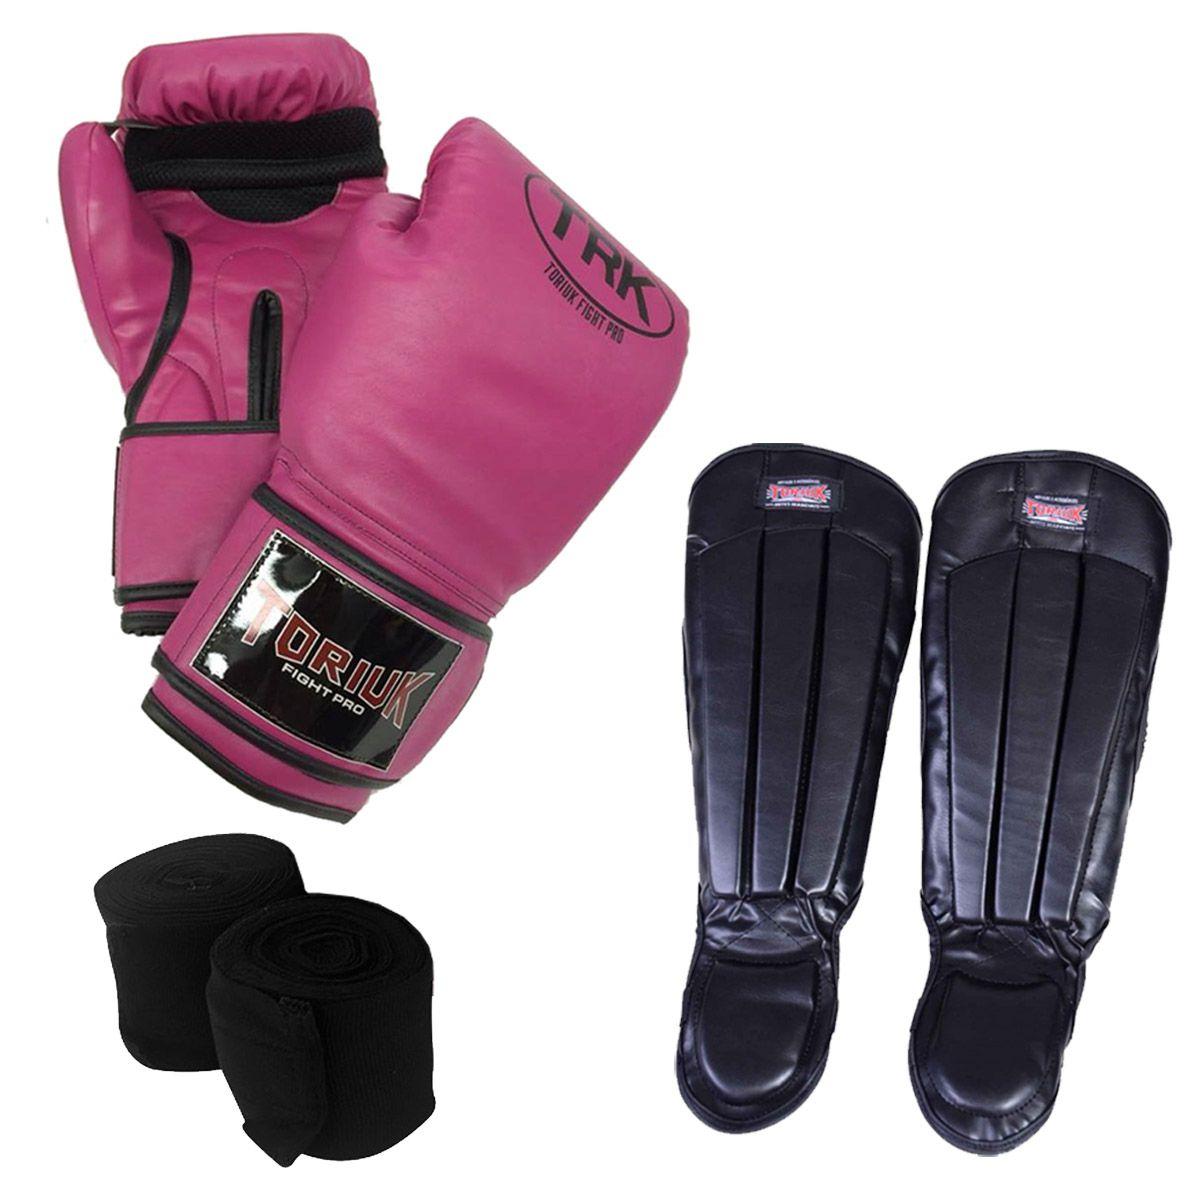 Kit Luvas de Boxe + Bandagem Elástica + Caneleira Anatômica  - Loja do Competidor